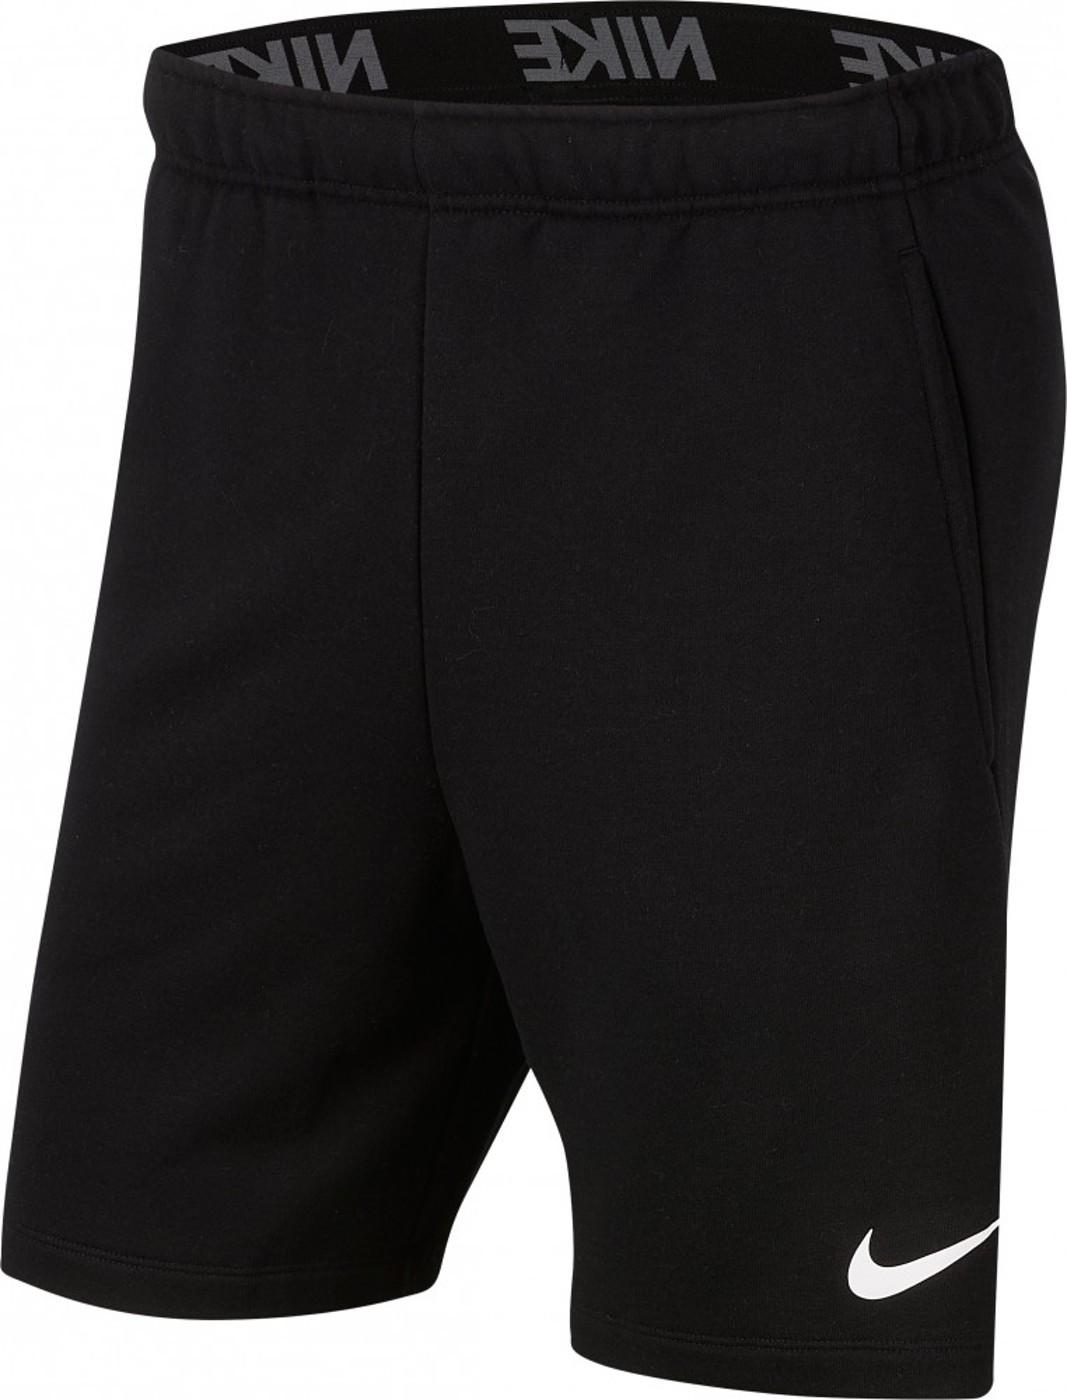 Nike Dri-FIT Fleece Trai - Herren